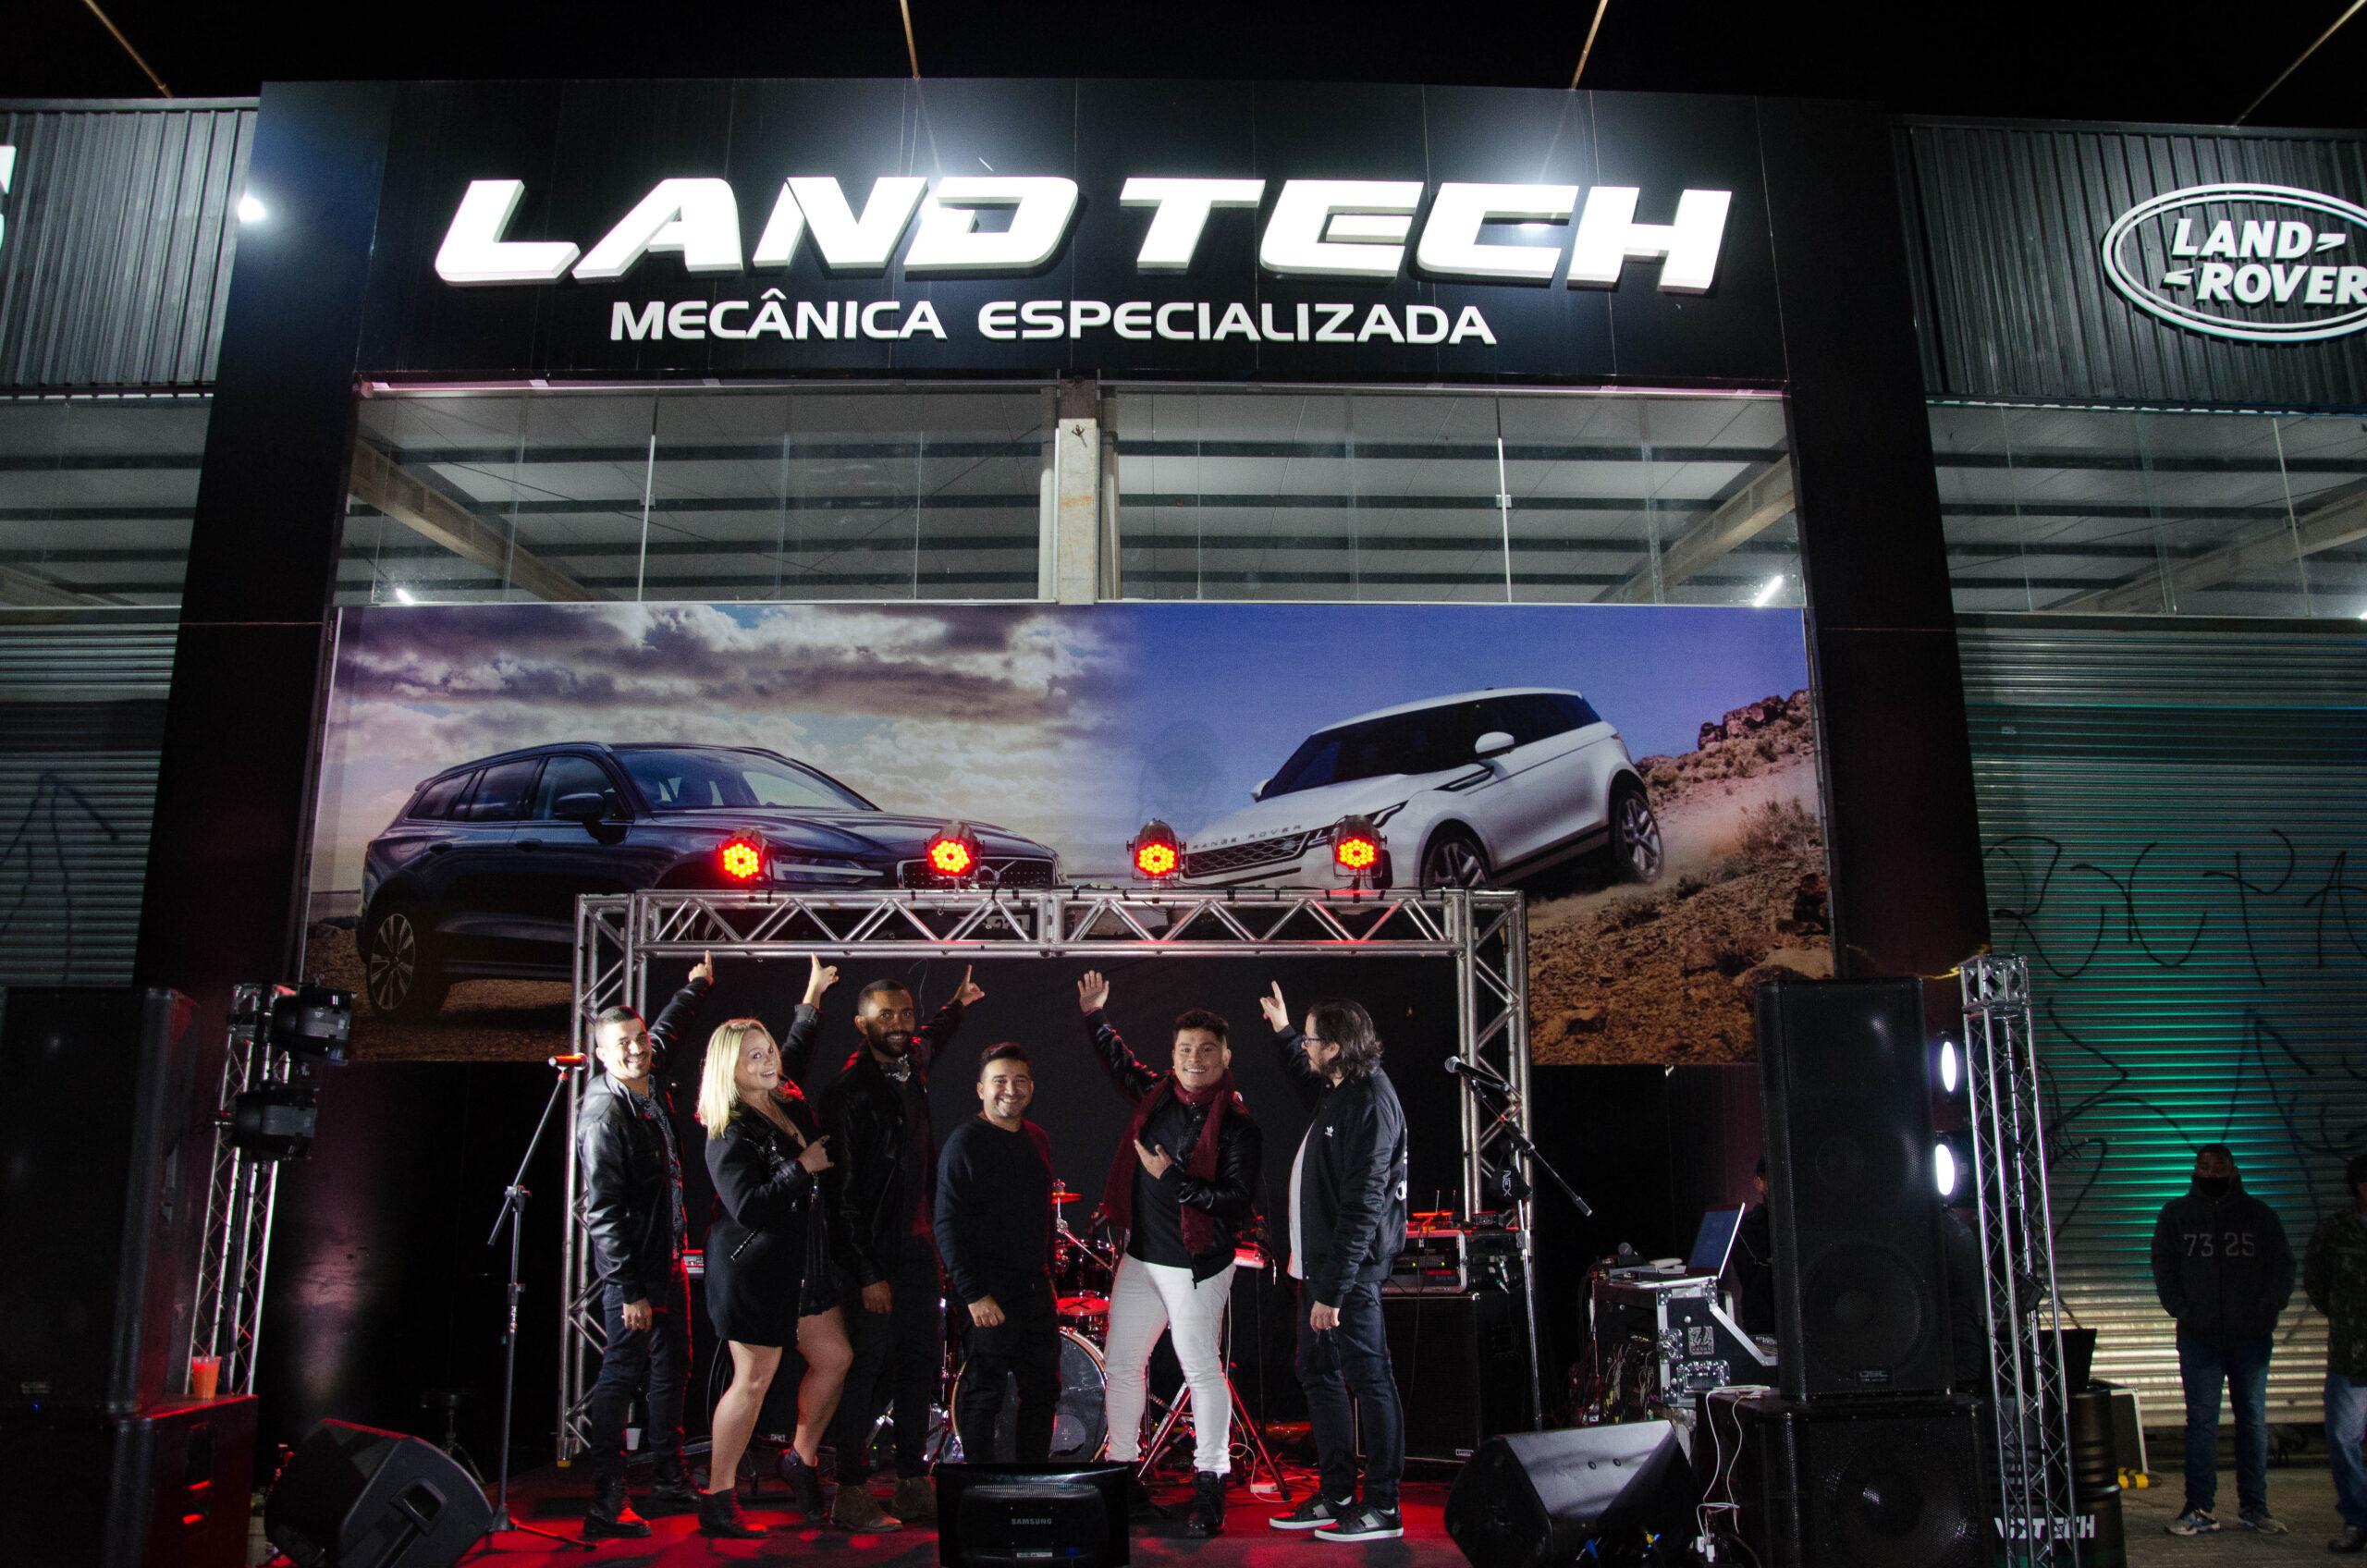 INOVAÇÃO | Land Tech realiza o primeiro show drive-in em Brasília